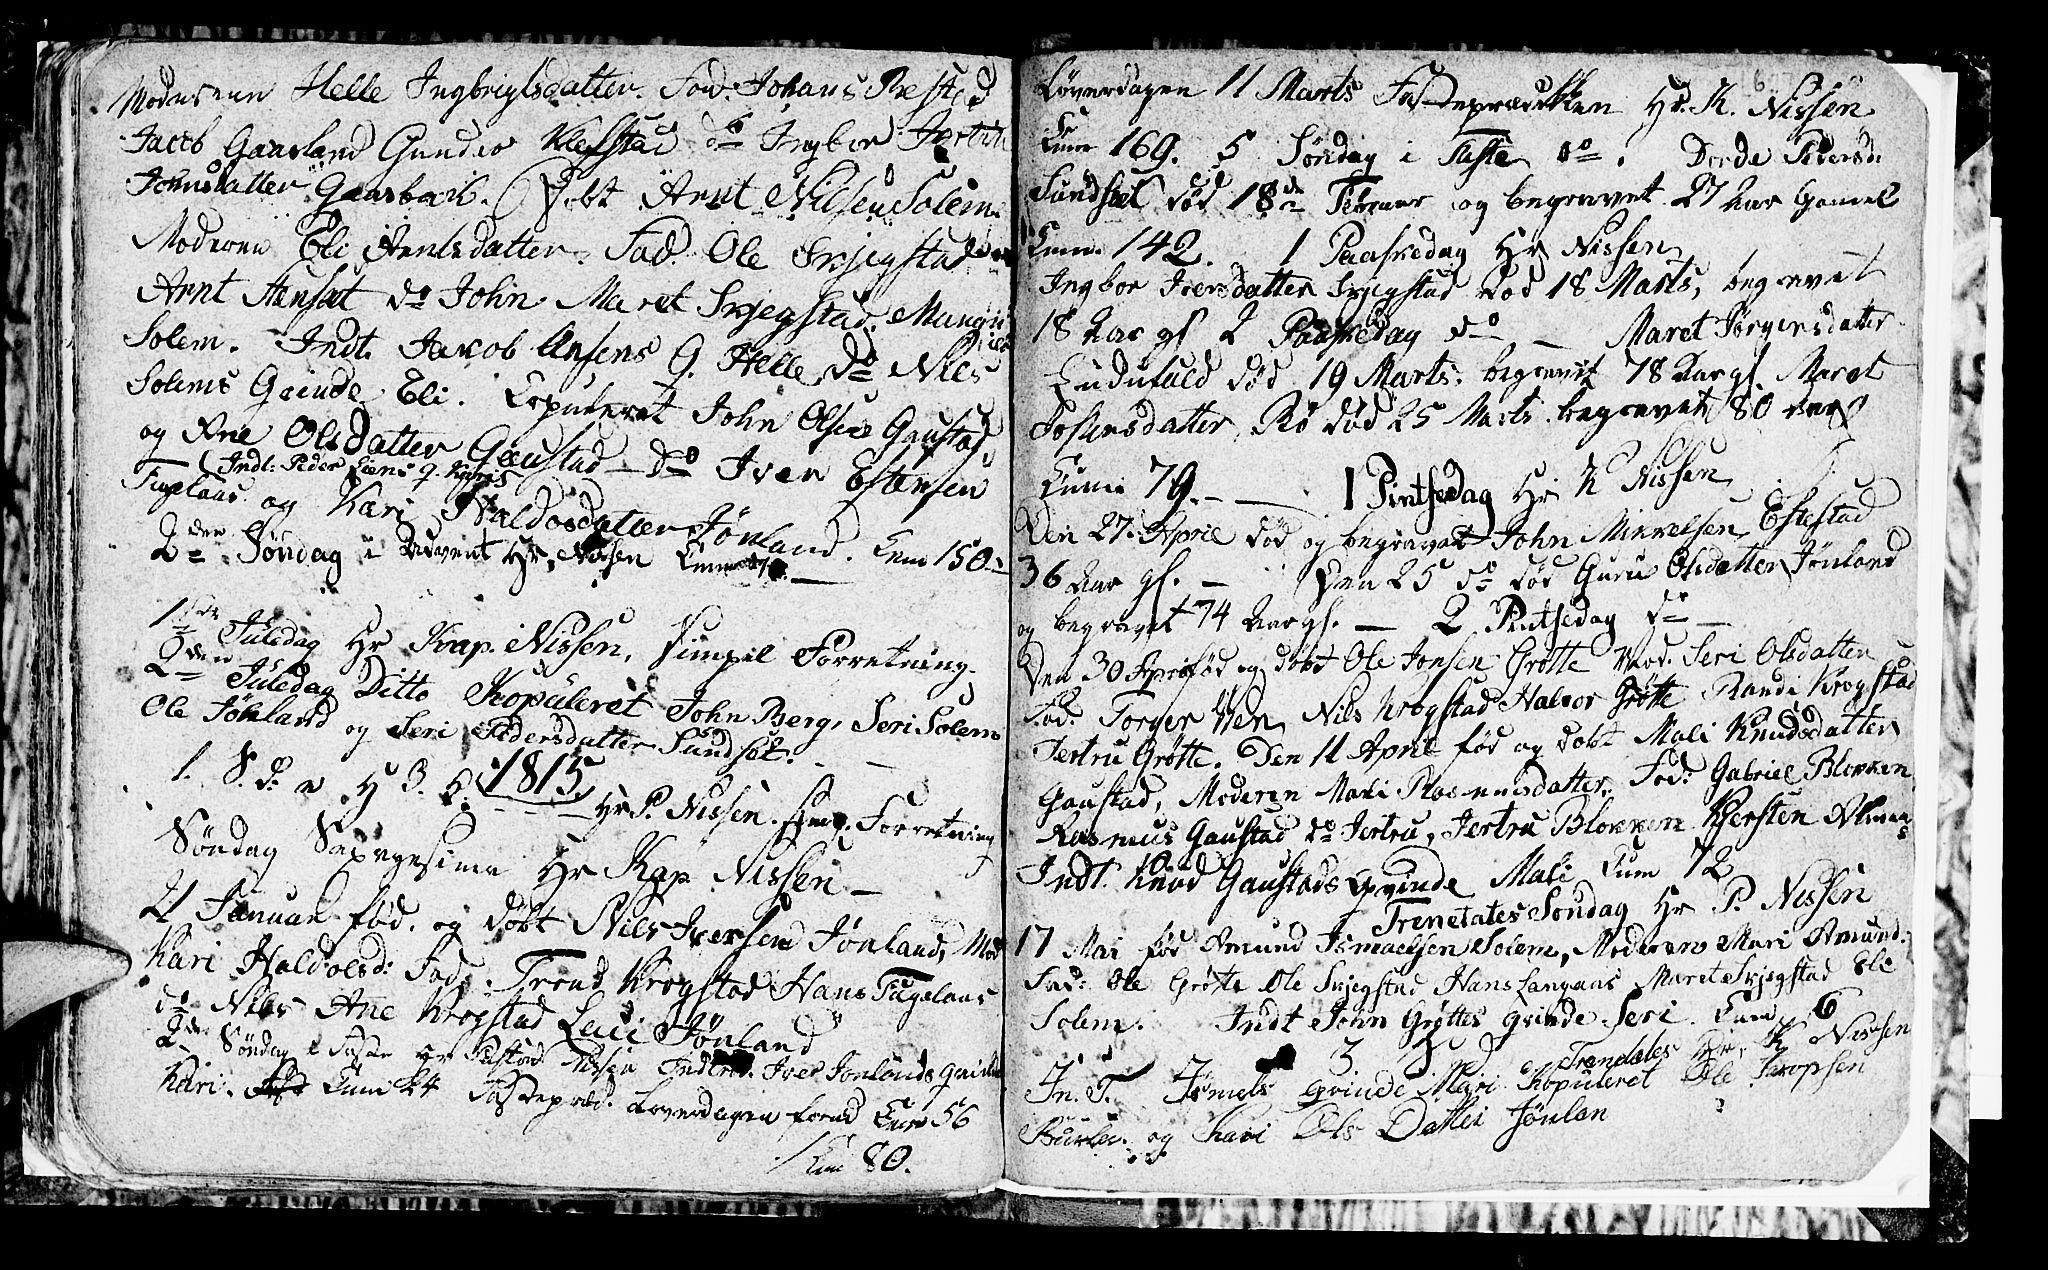 SAT, Ministerialprotokoller, klokkerbøker og fødselsregistre - Sør-Trøndelag, 694/L1129: Klokkerbok nr. 694C01, 1793-1815, s. 62